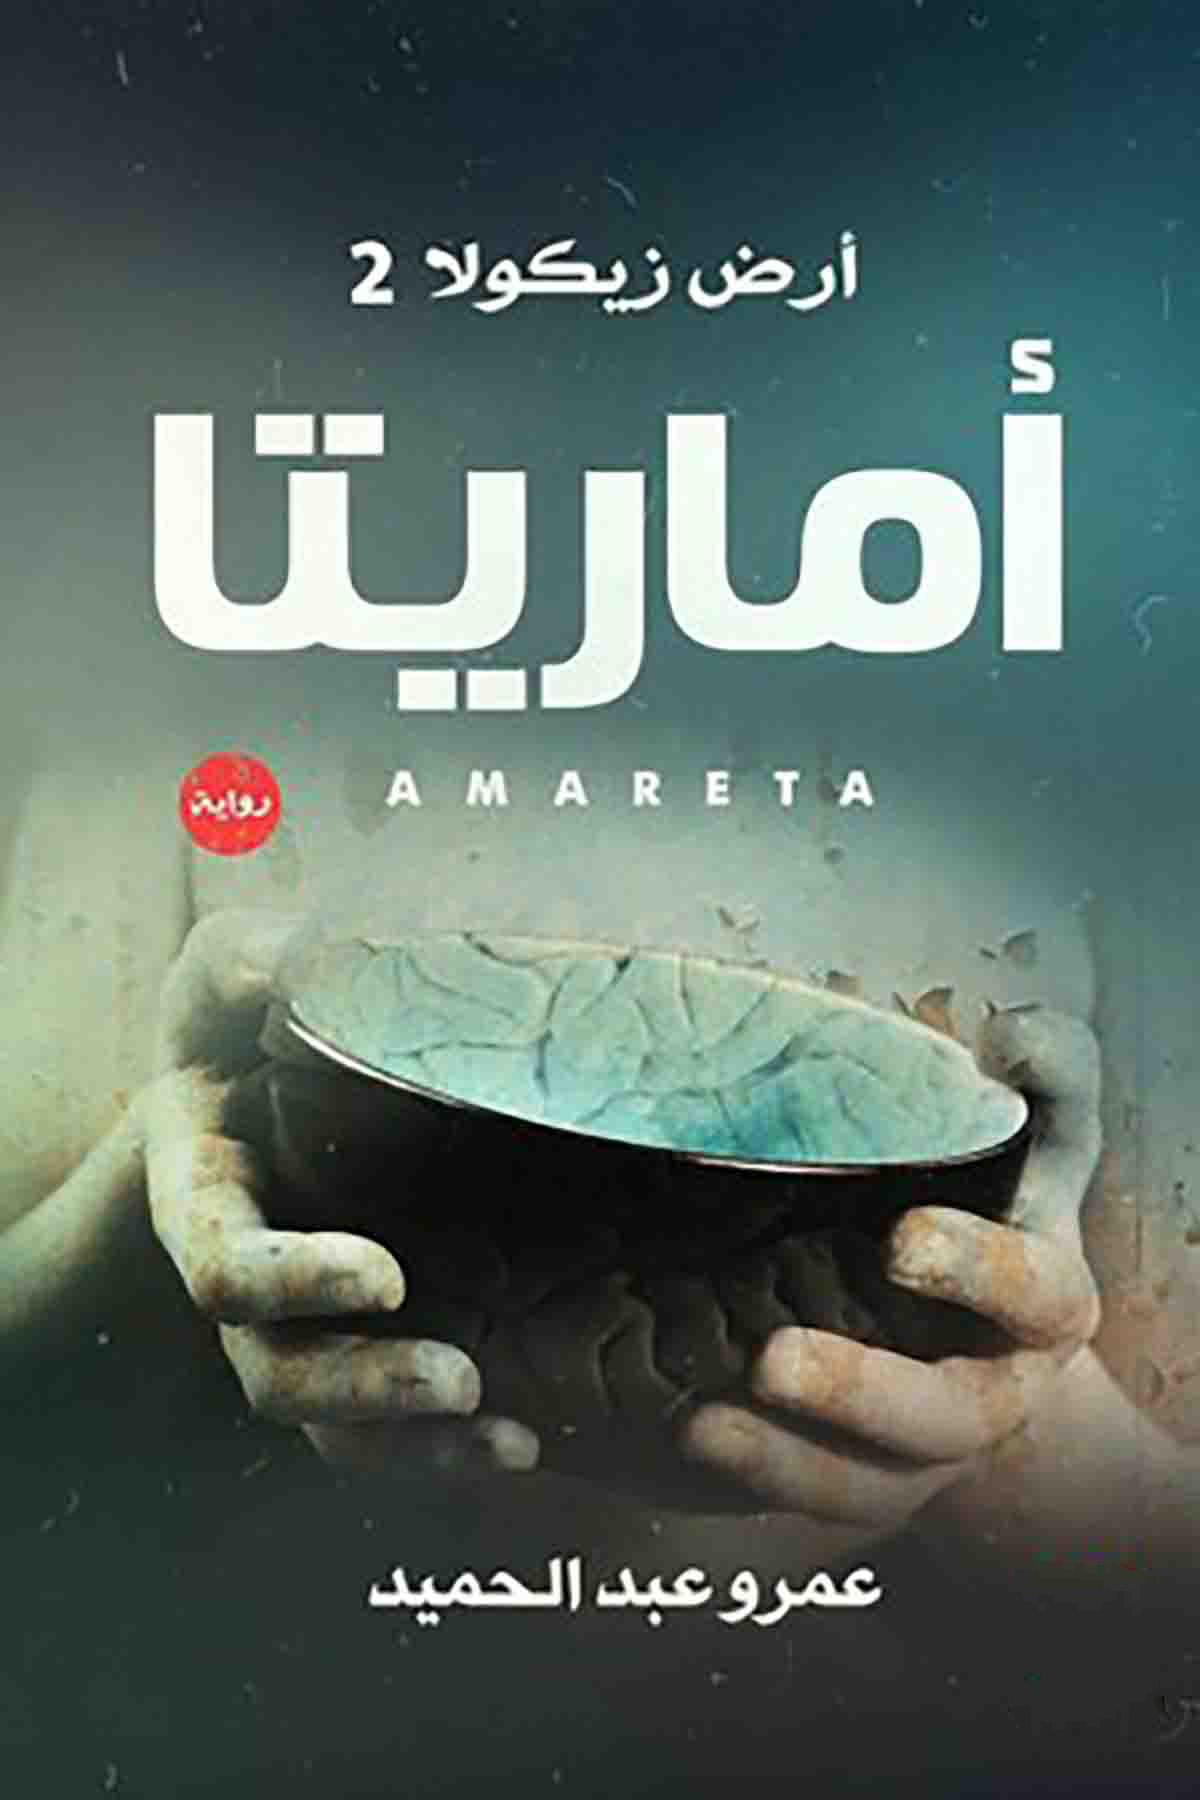 Photo of تحميل رواية أماريتا pdf لـ عمرو عبد الحميد